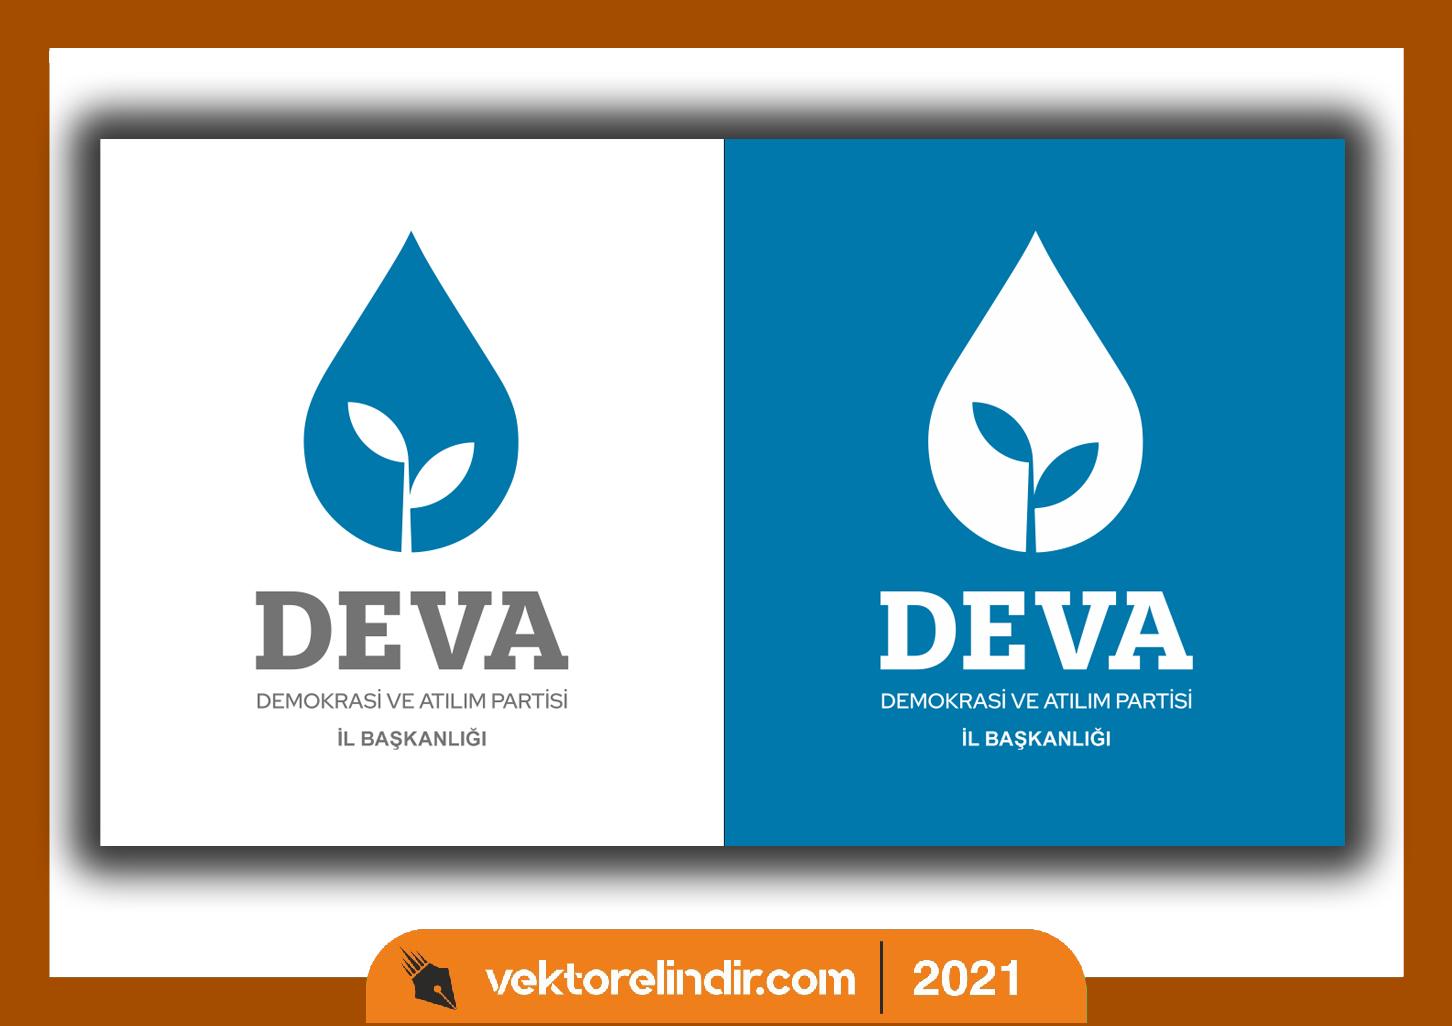 Deva,Partisi,Logo,Vektörel,Başkanlık